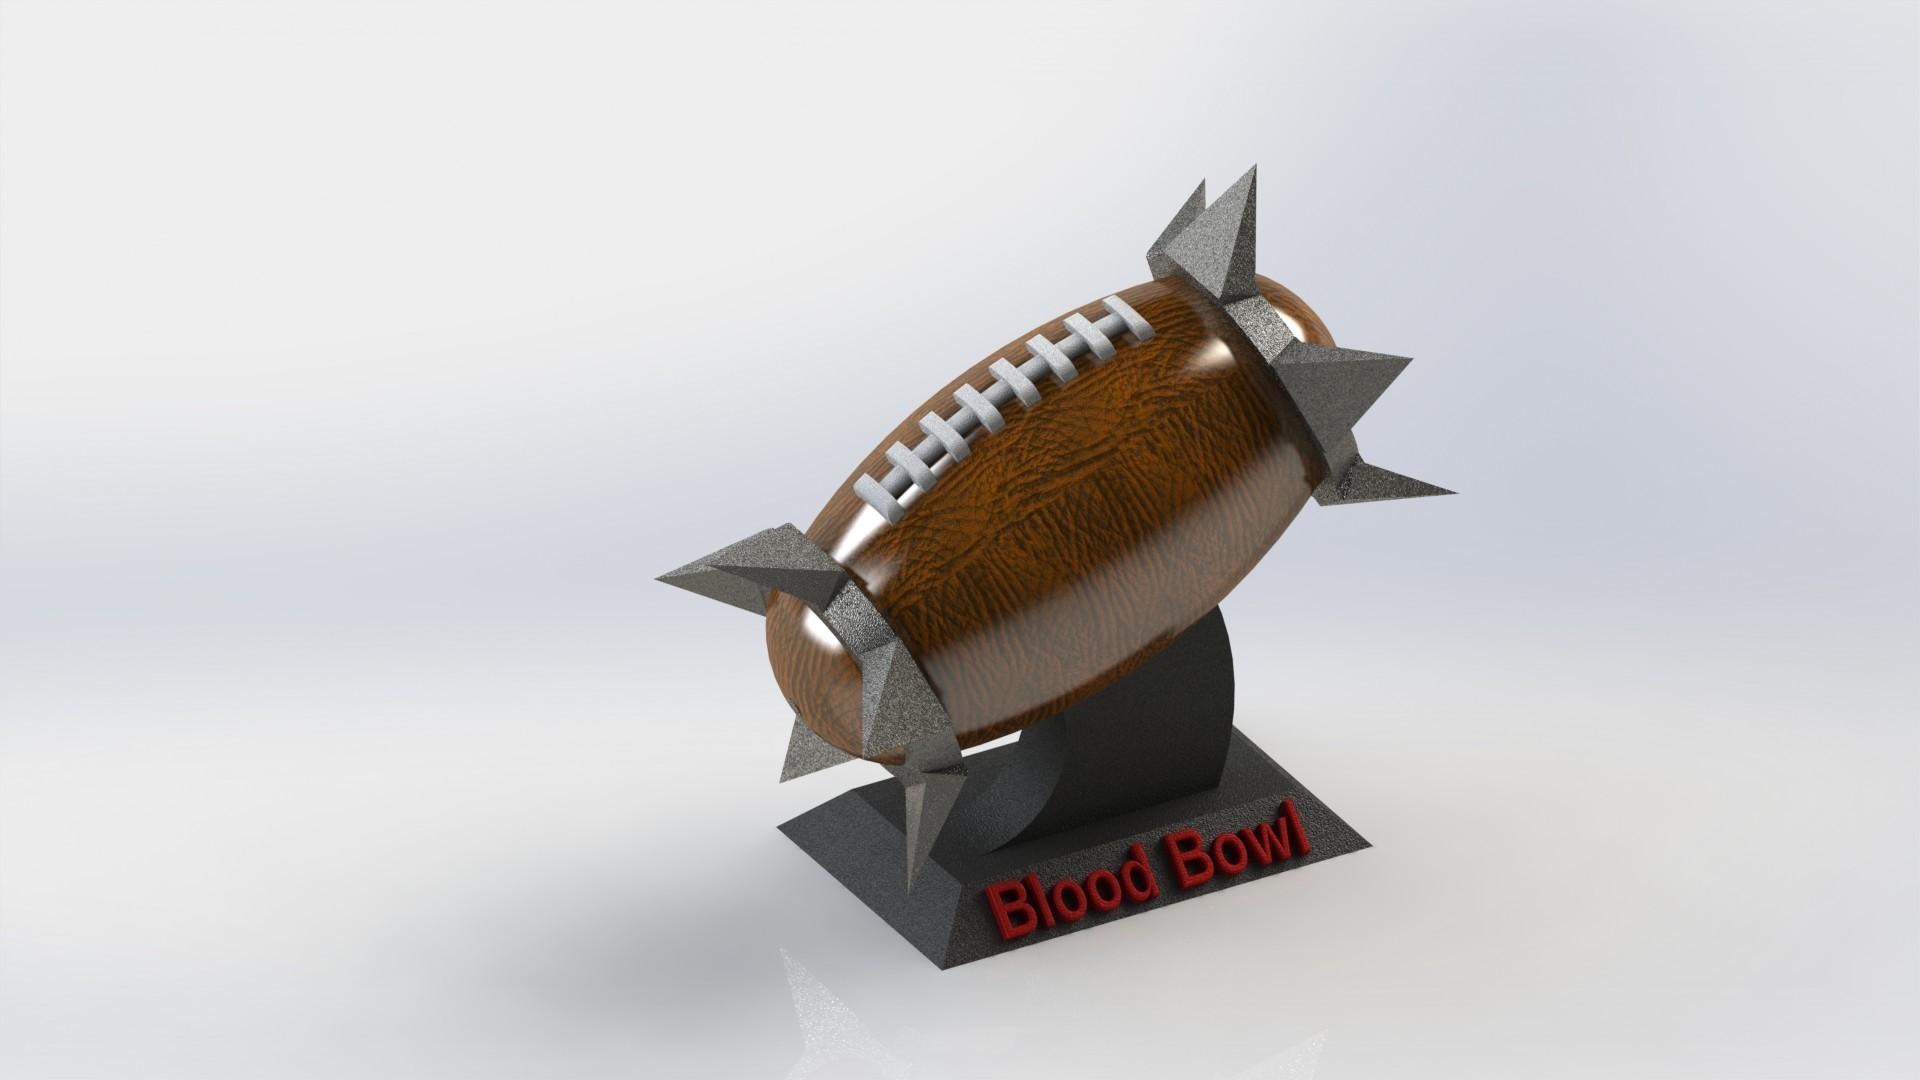 rendu realiste ballon 2.JPG Download free STL file Blood Bowl Ball • 3D printable model, SpartaProd